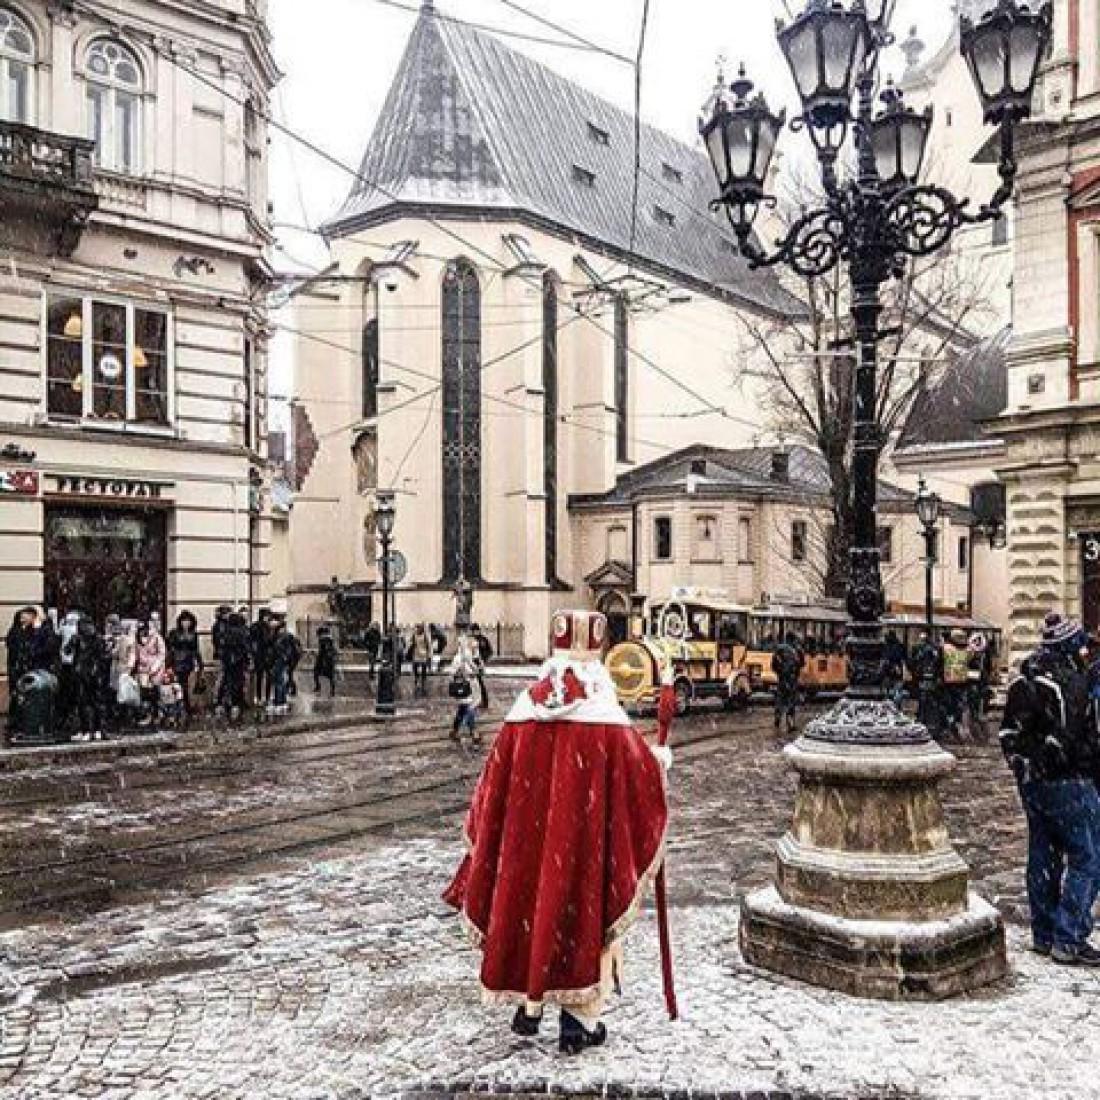 Где живет сказка? Резиденции святого Николая в Украине